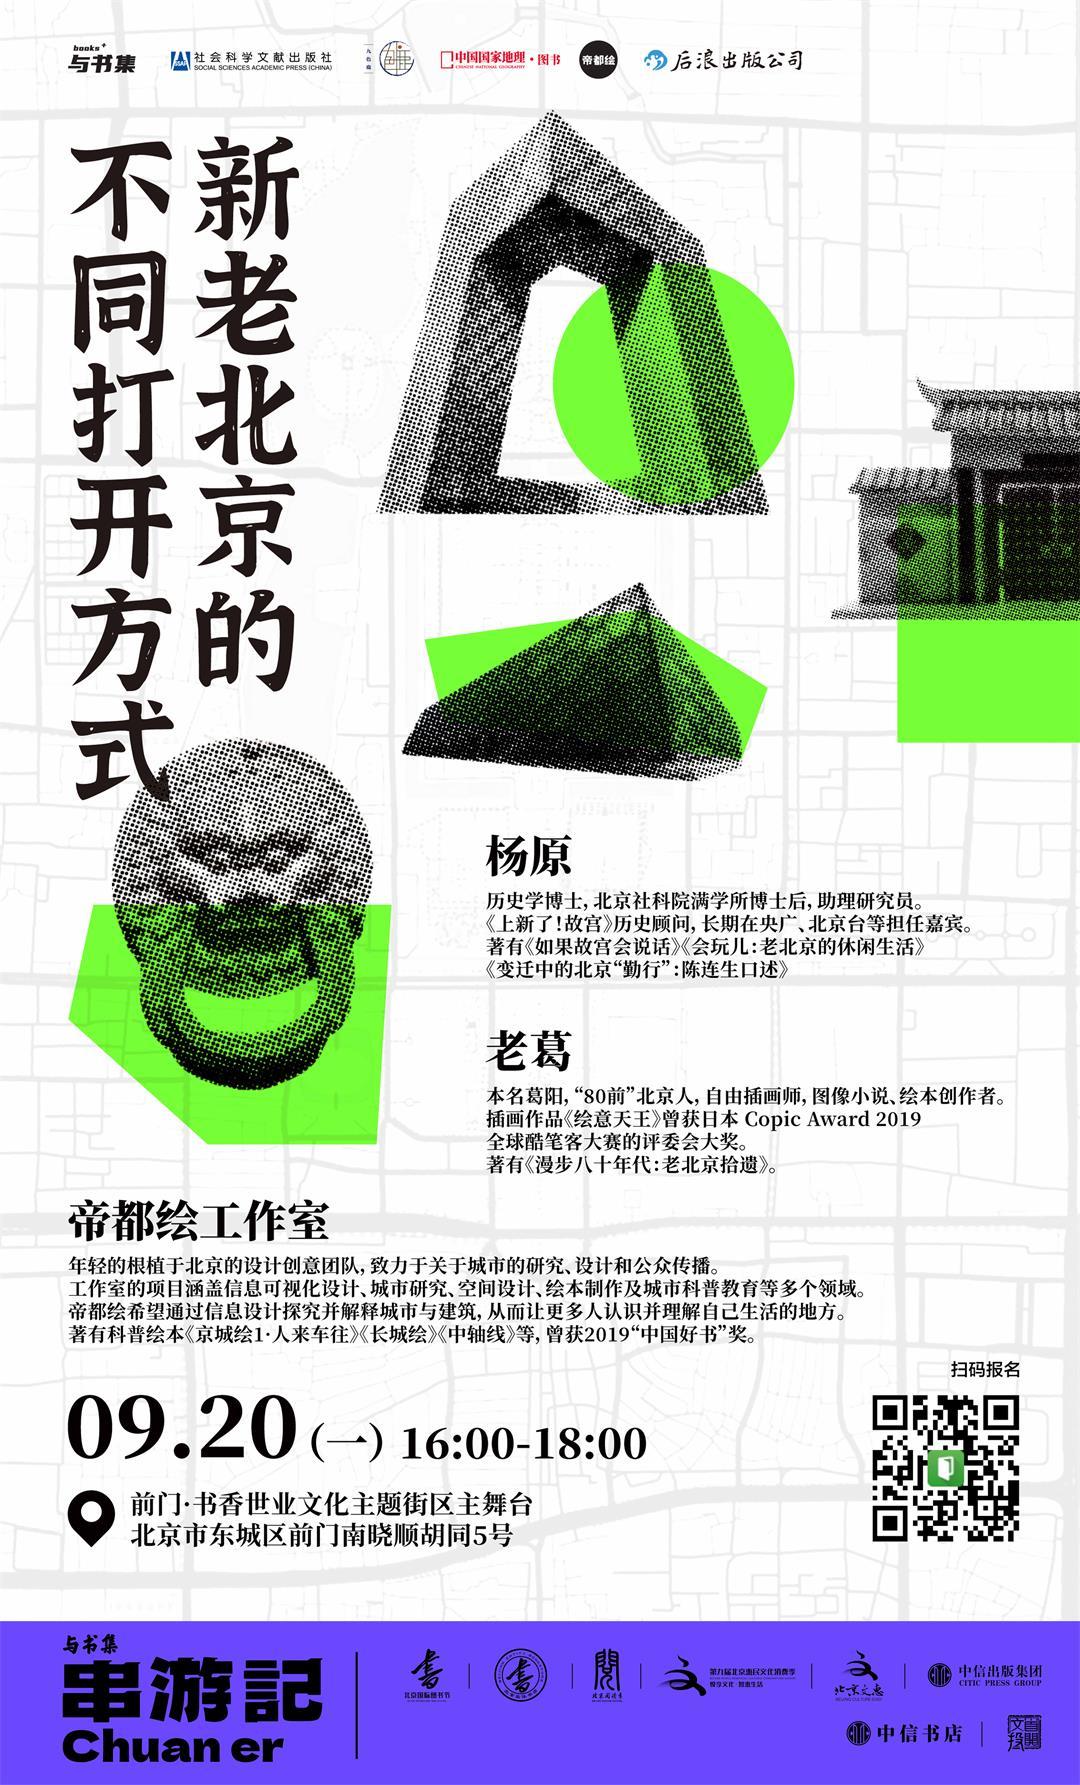 新老北京的不同打开方式.jpg